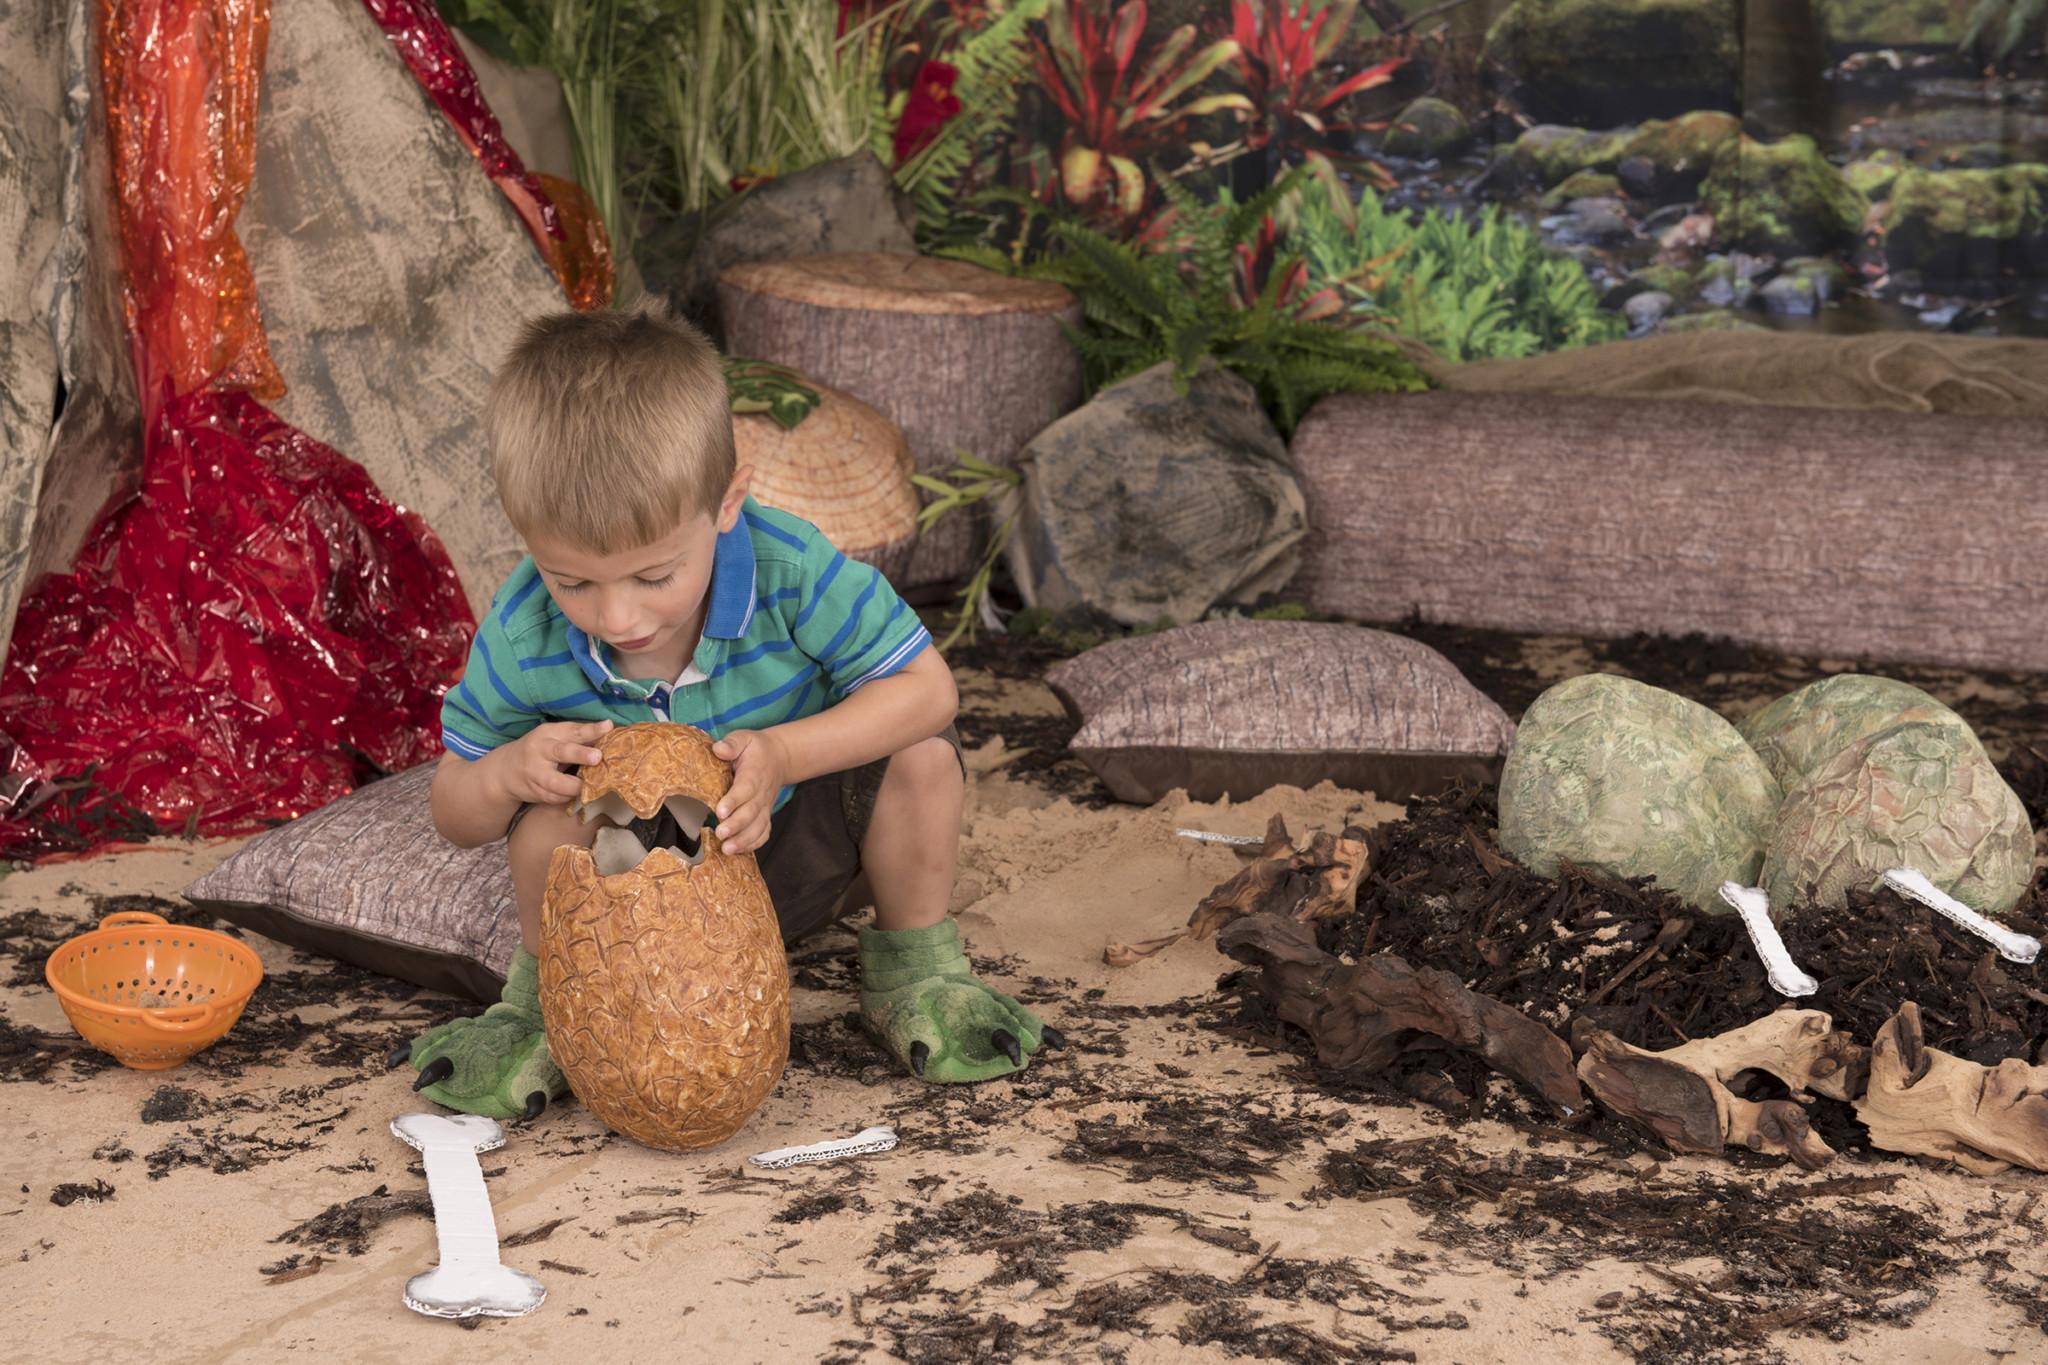 Making Dinosaur eggs